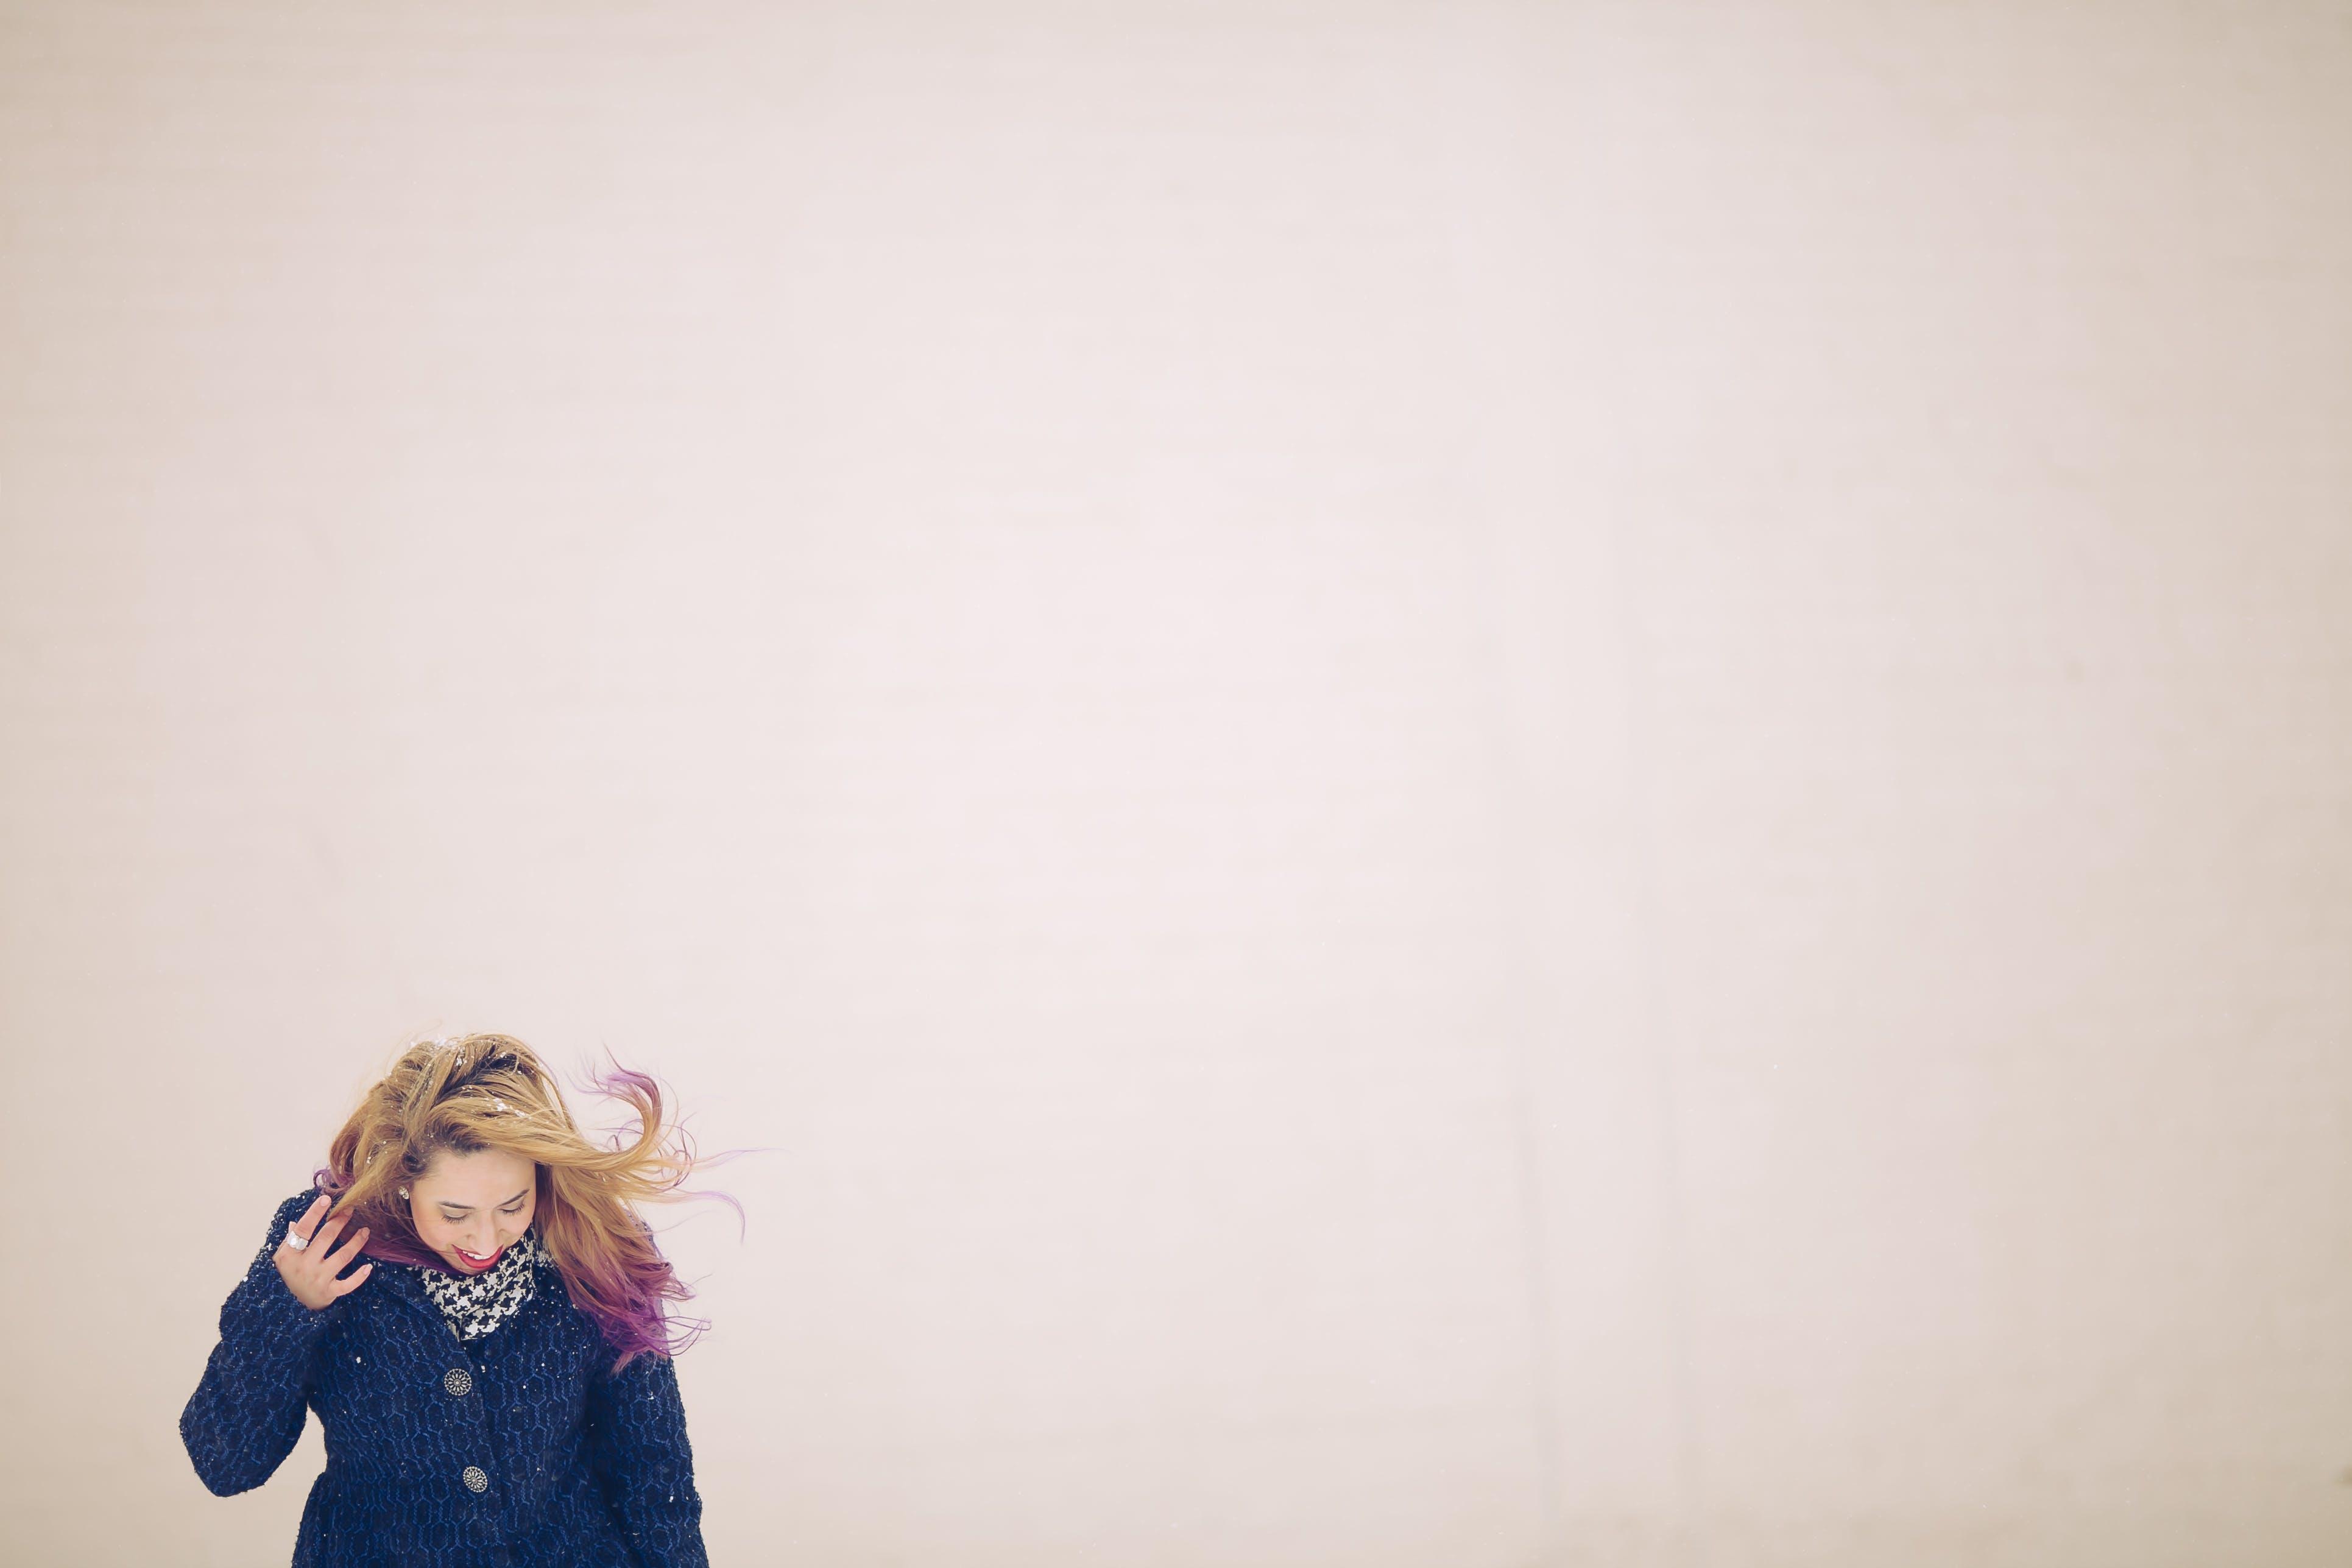 Gratis lagerfoto af abstrakt, barn, blond, dag drømmer